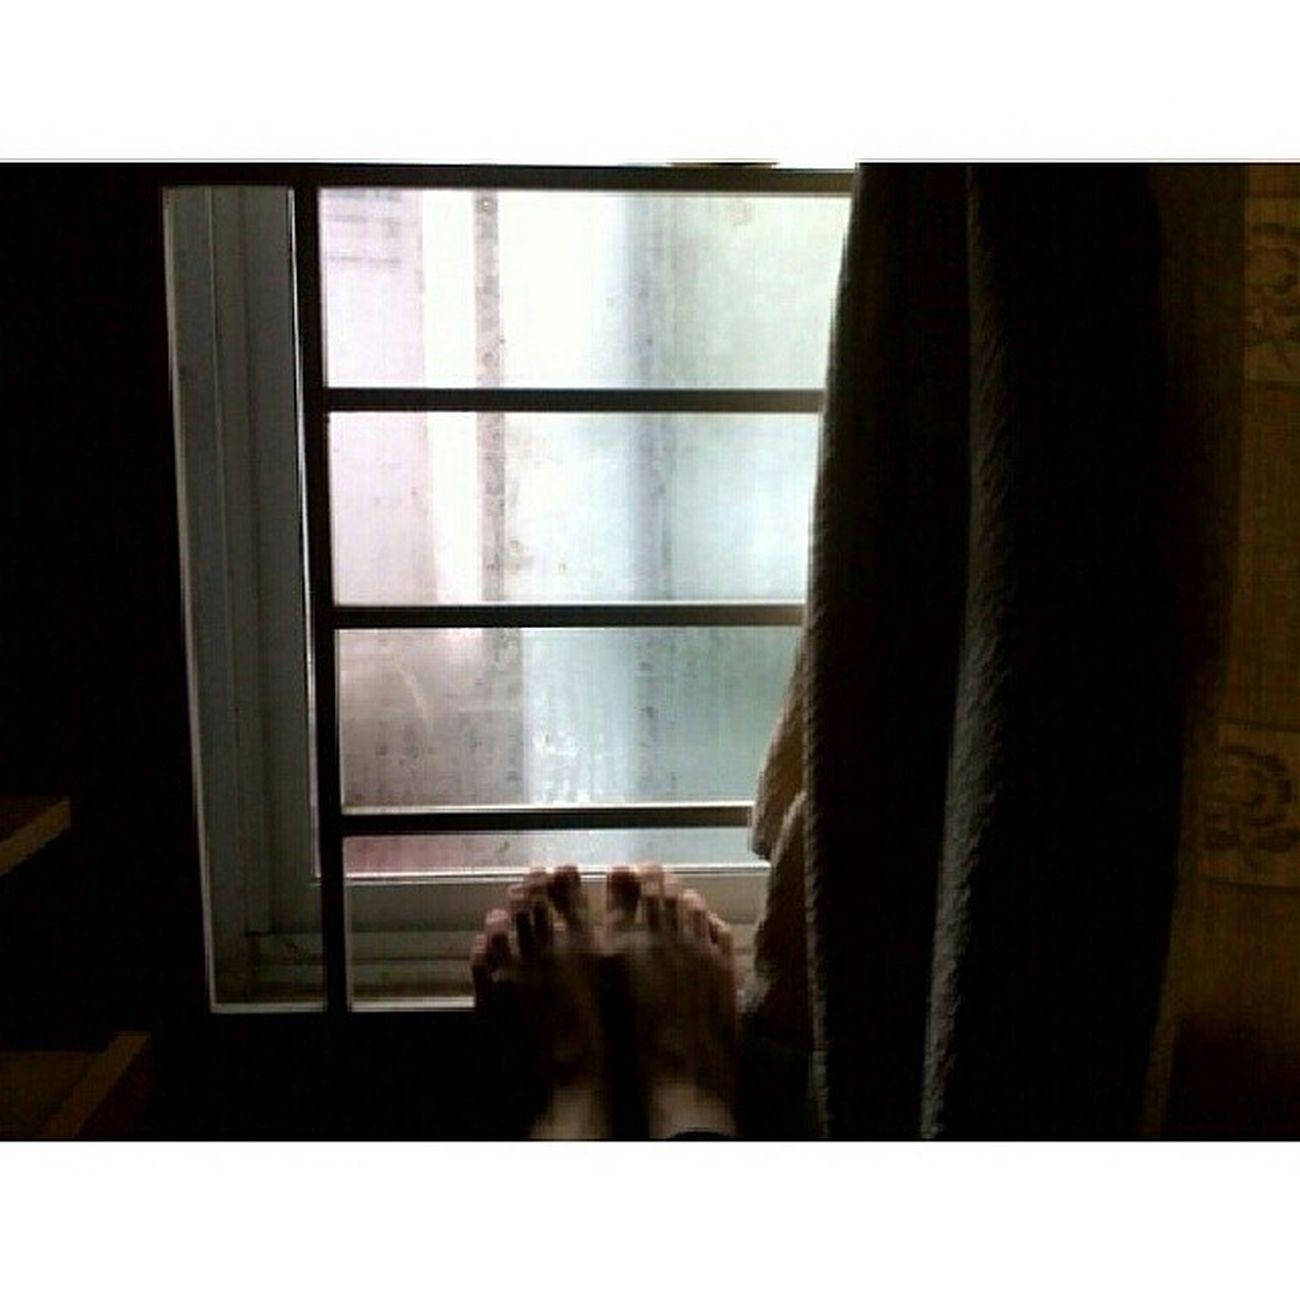 29 Tết mưa lung tung làm anh không được ra đường mai định làm bữa cà phê cuối năm mà không ai đi cùng Holiday CH án T ết 29 2014 raining gloomyday boring window